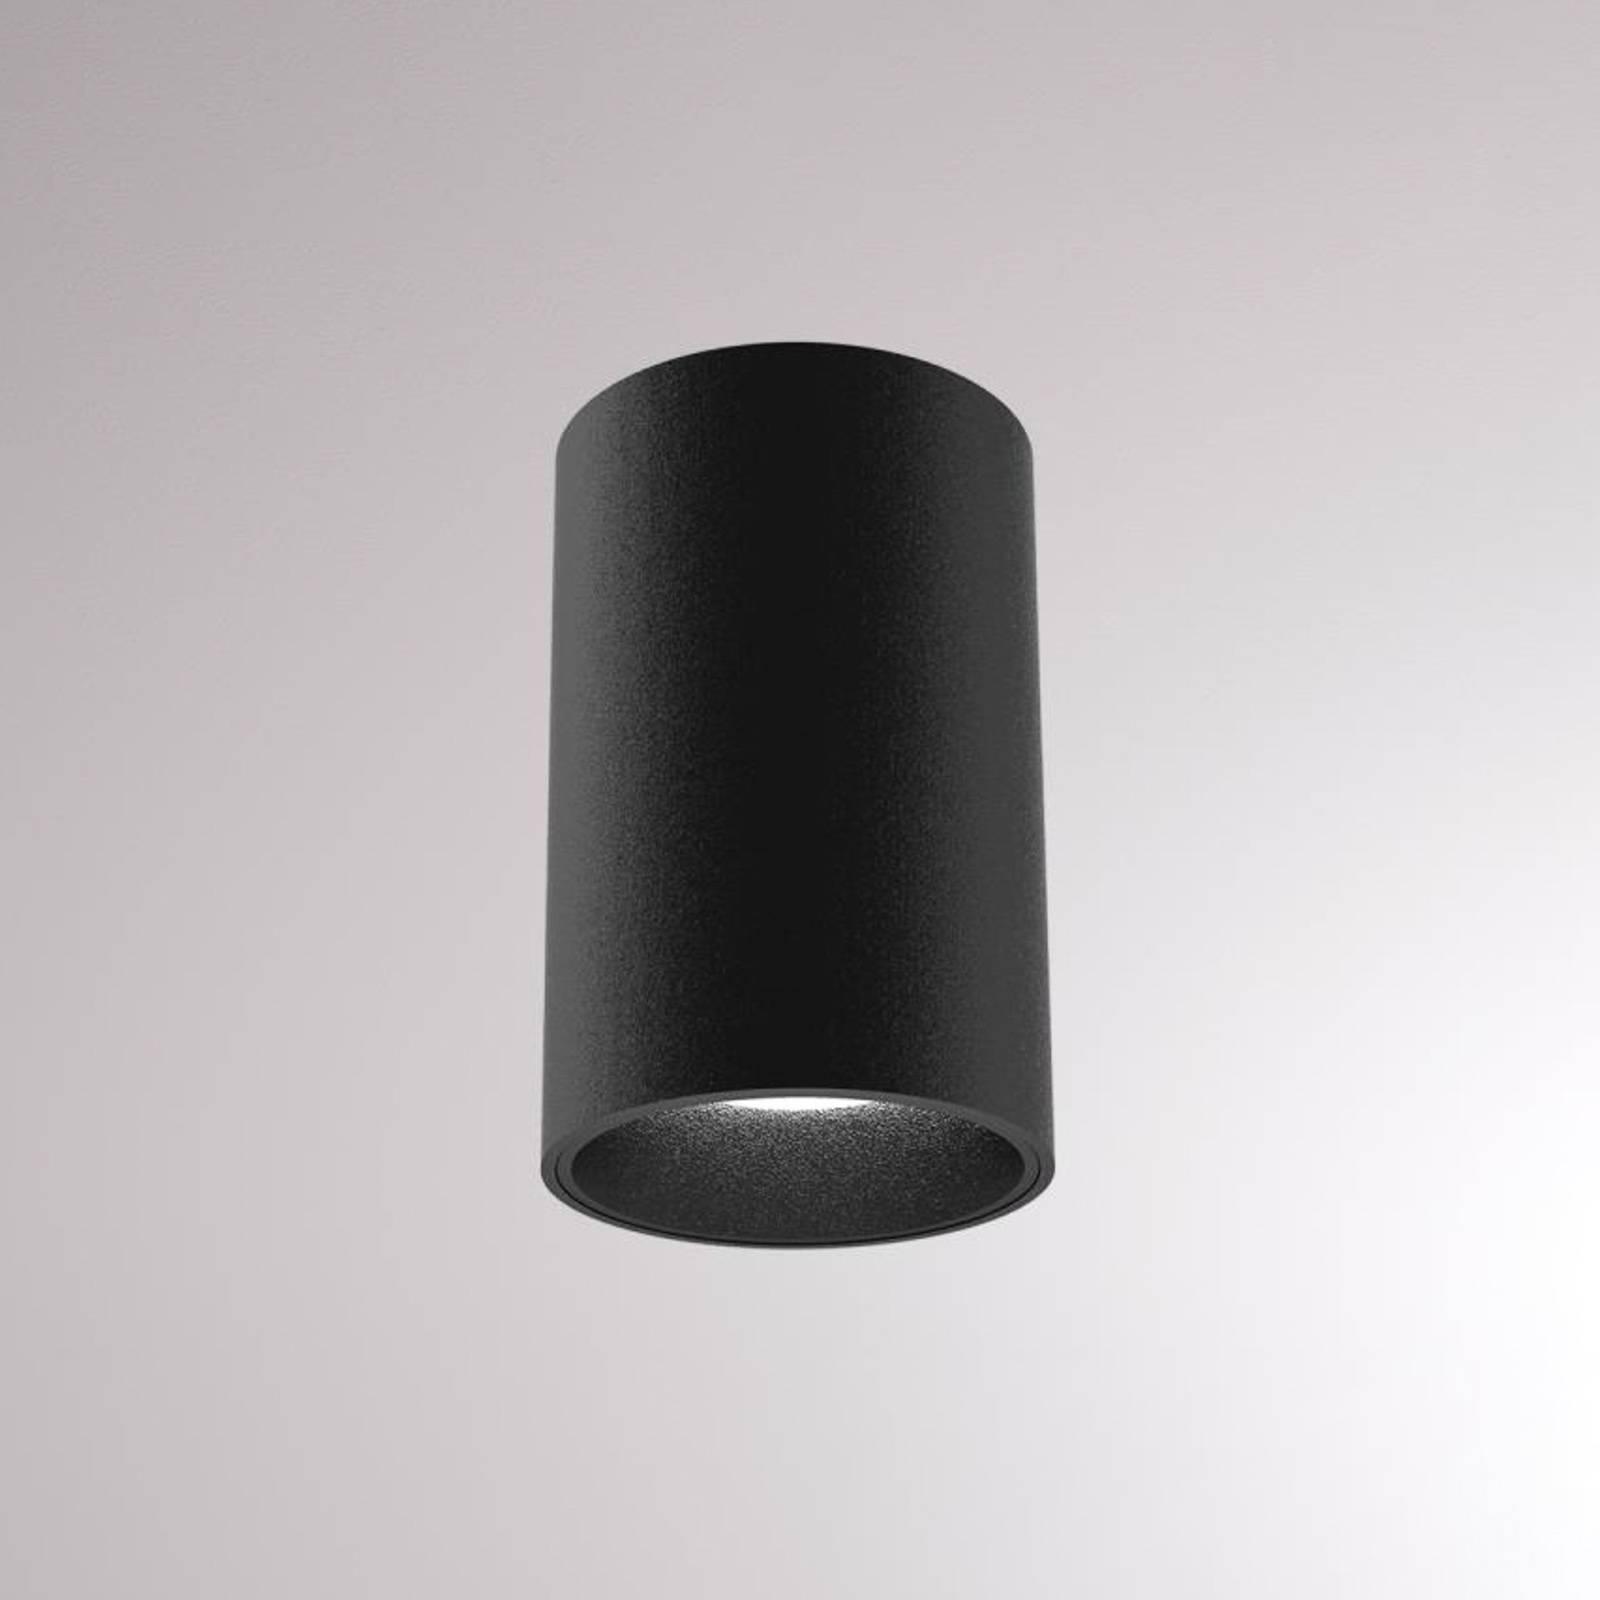 LOUM Atus Round LED-Deckenleuchte schwarz